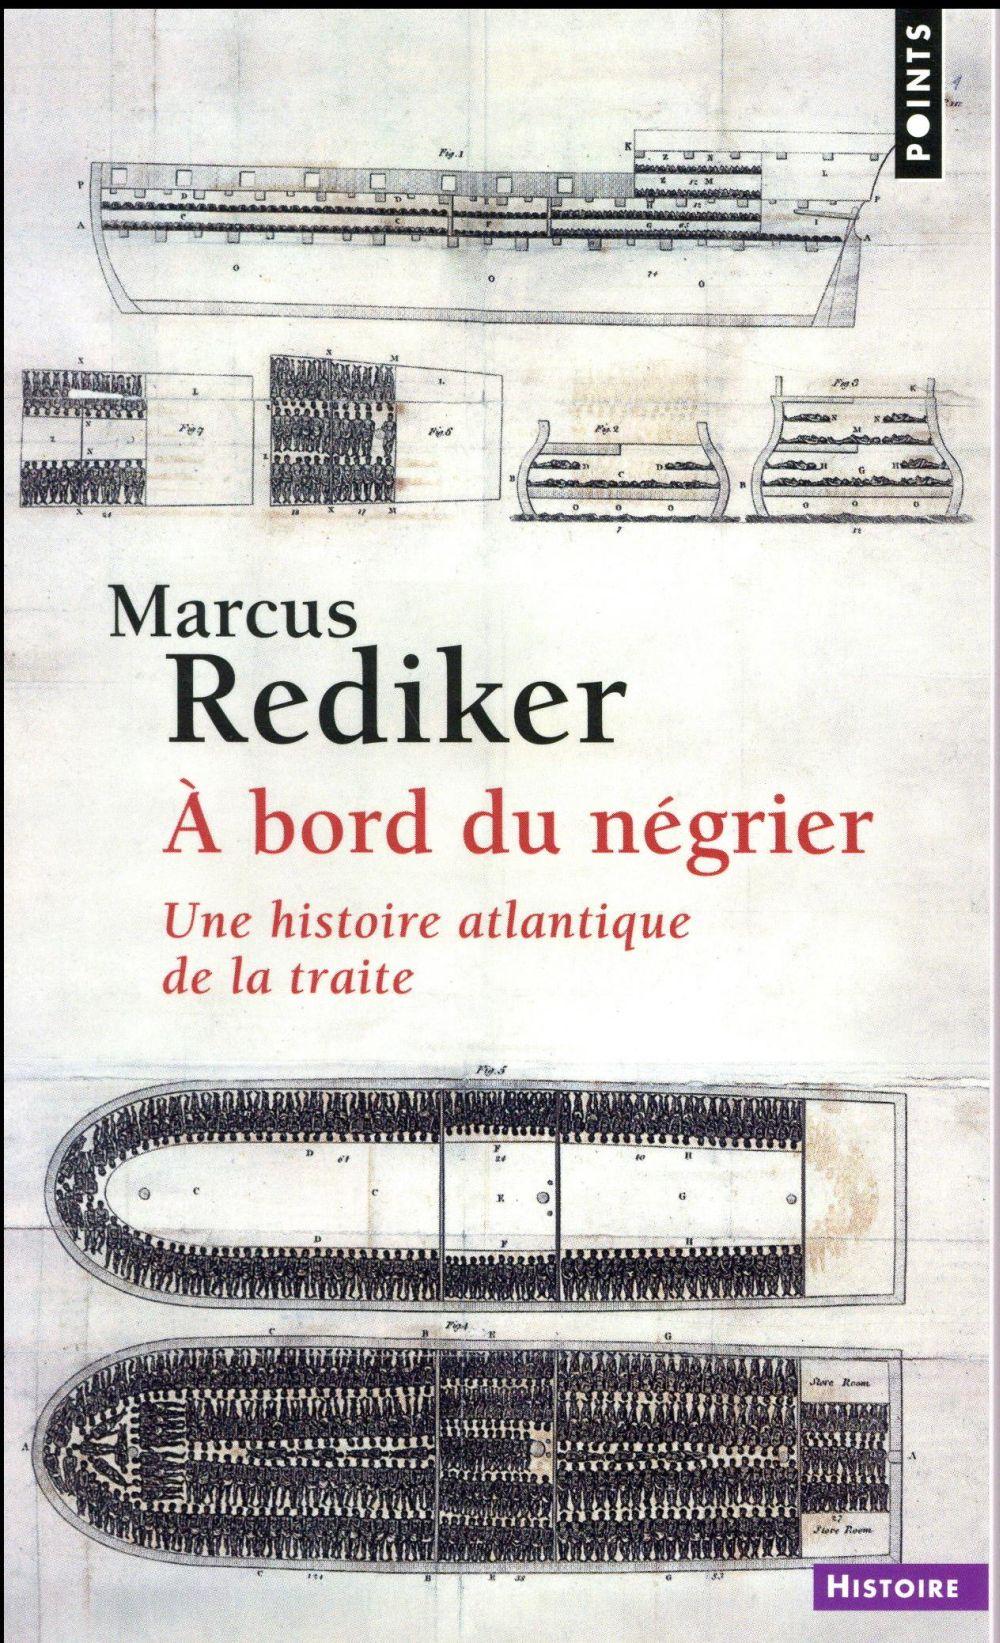 A BORD DU NEGRIER - UNE HISTOIRE ATLANTIQUE DE LA TRAITE